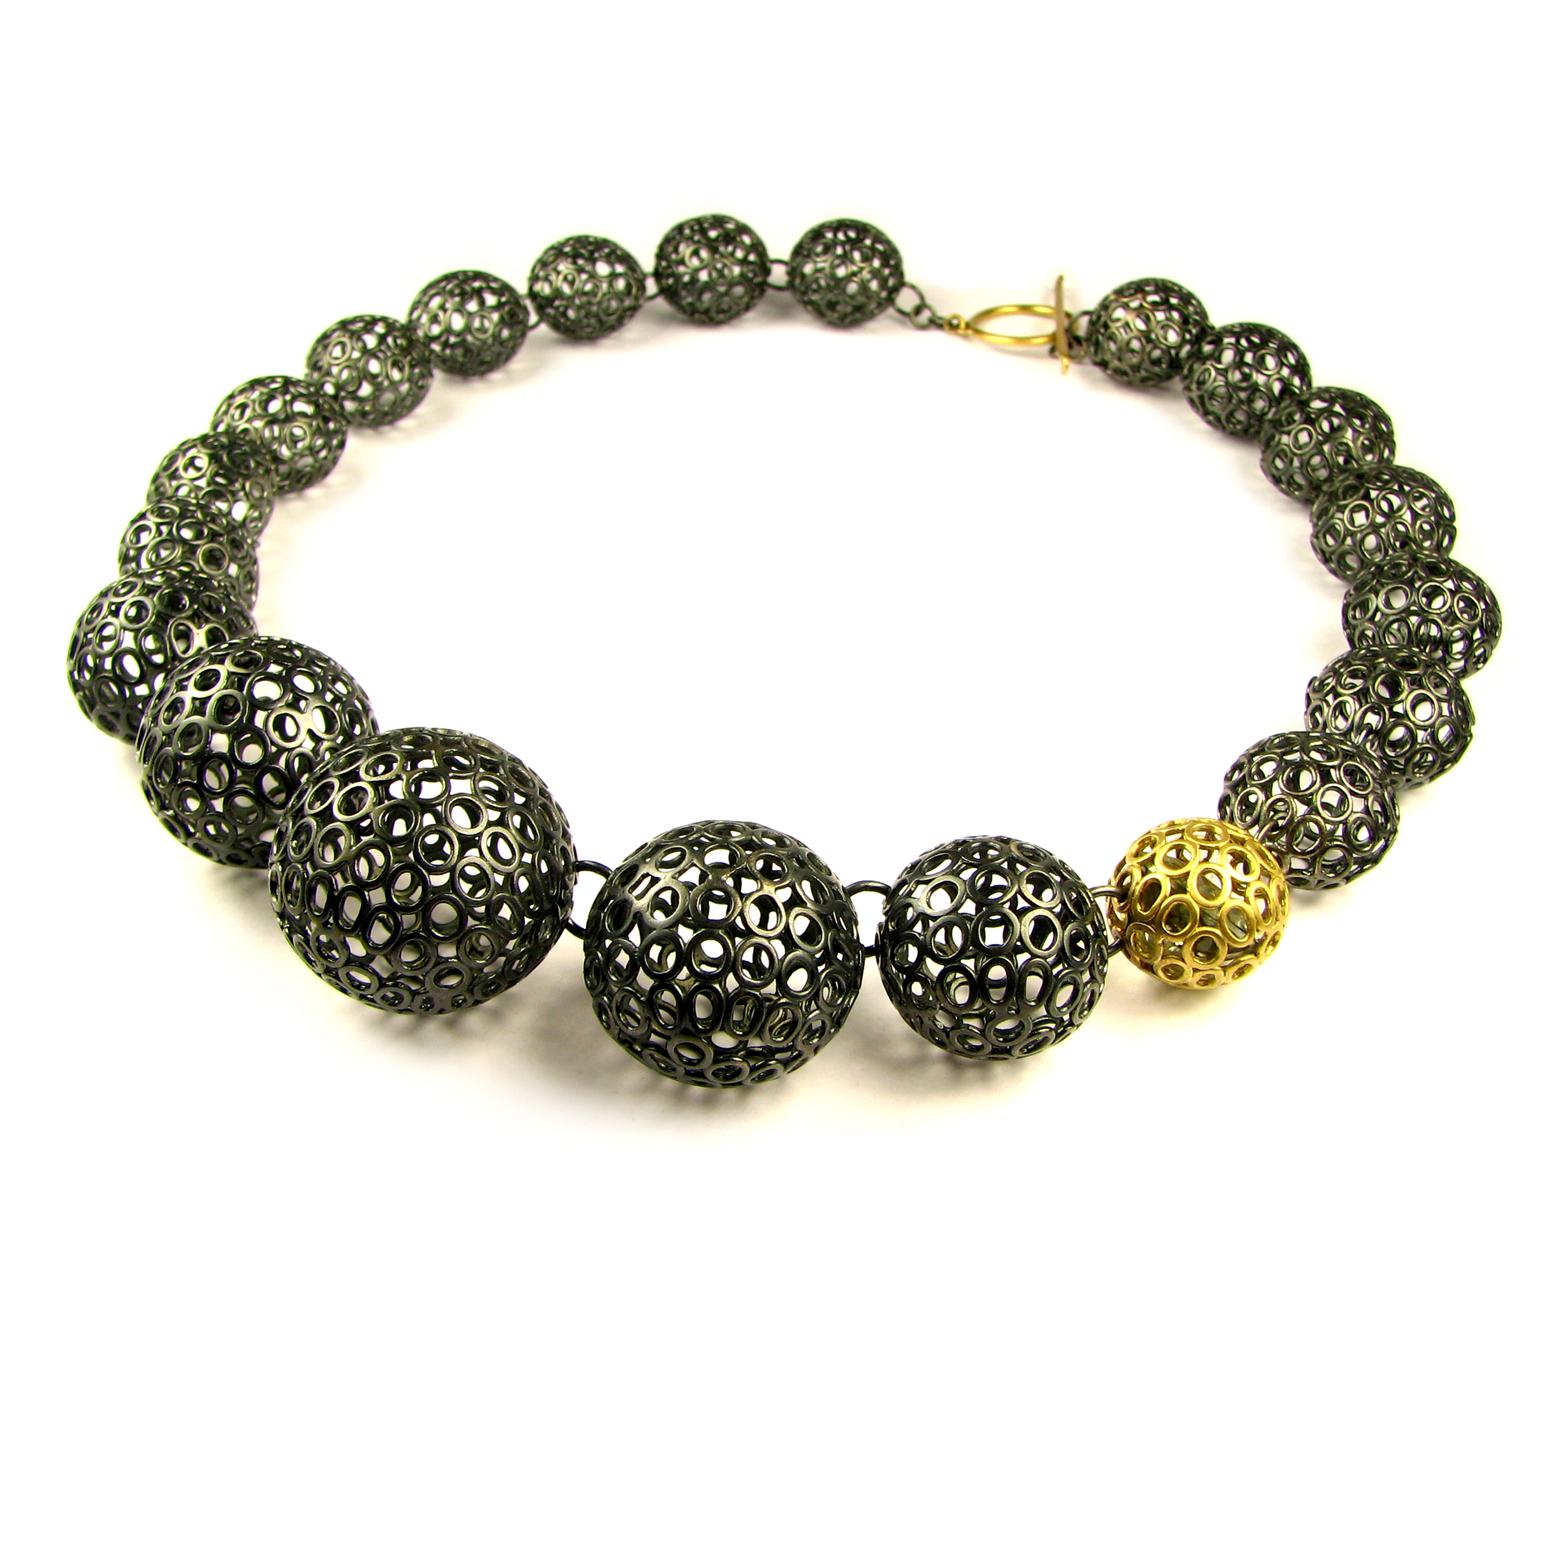 contemporary jewellery graduated multiple sphere necklace cexstul